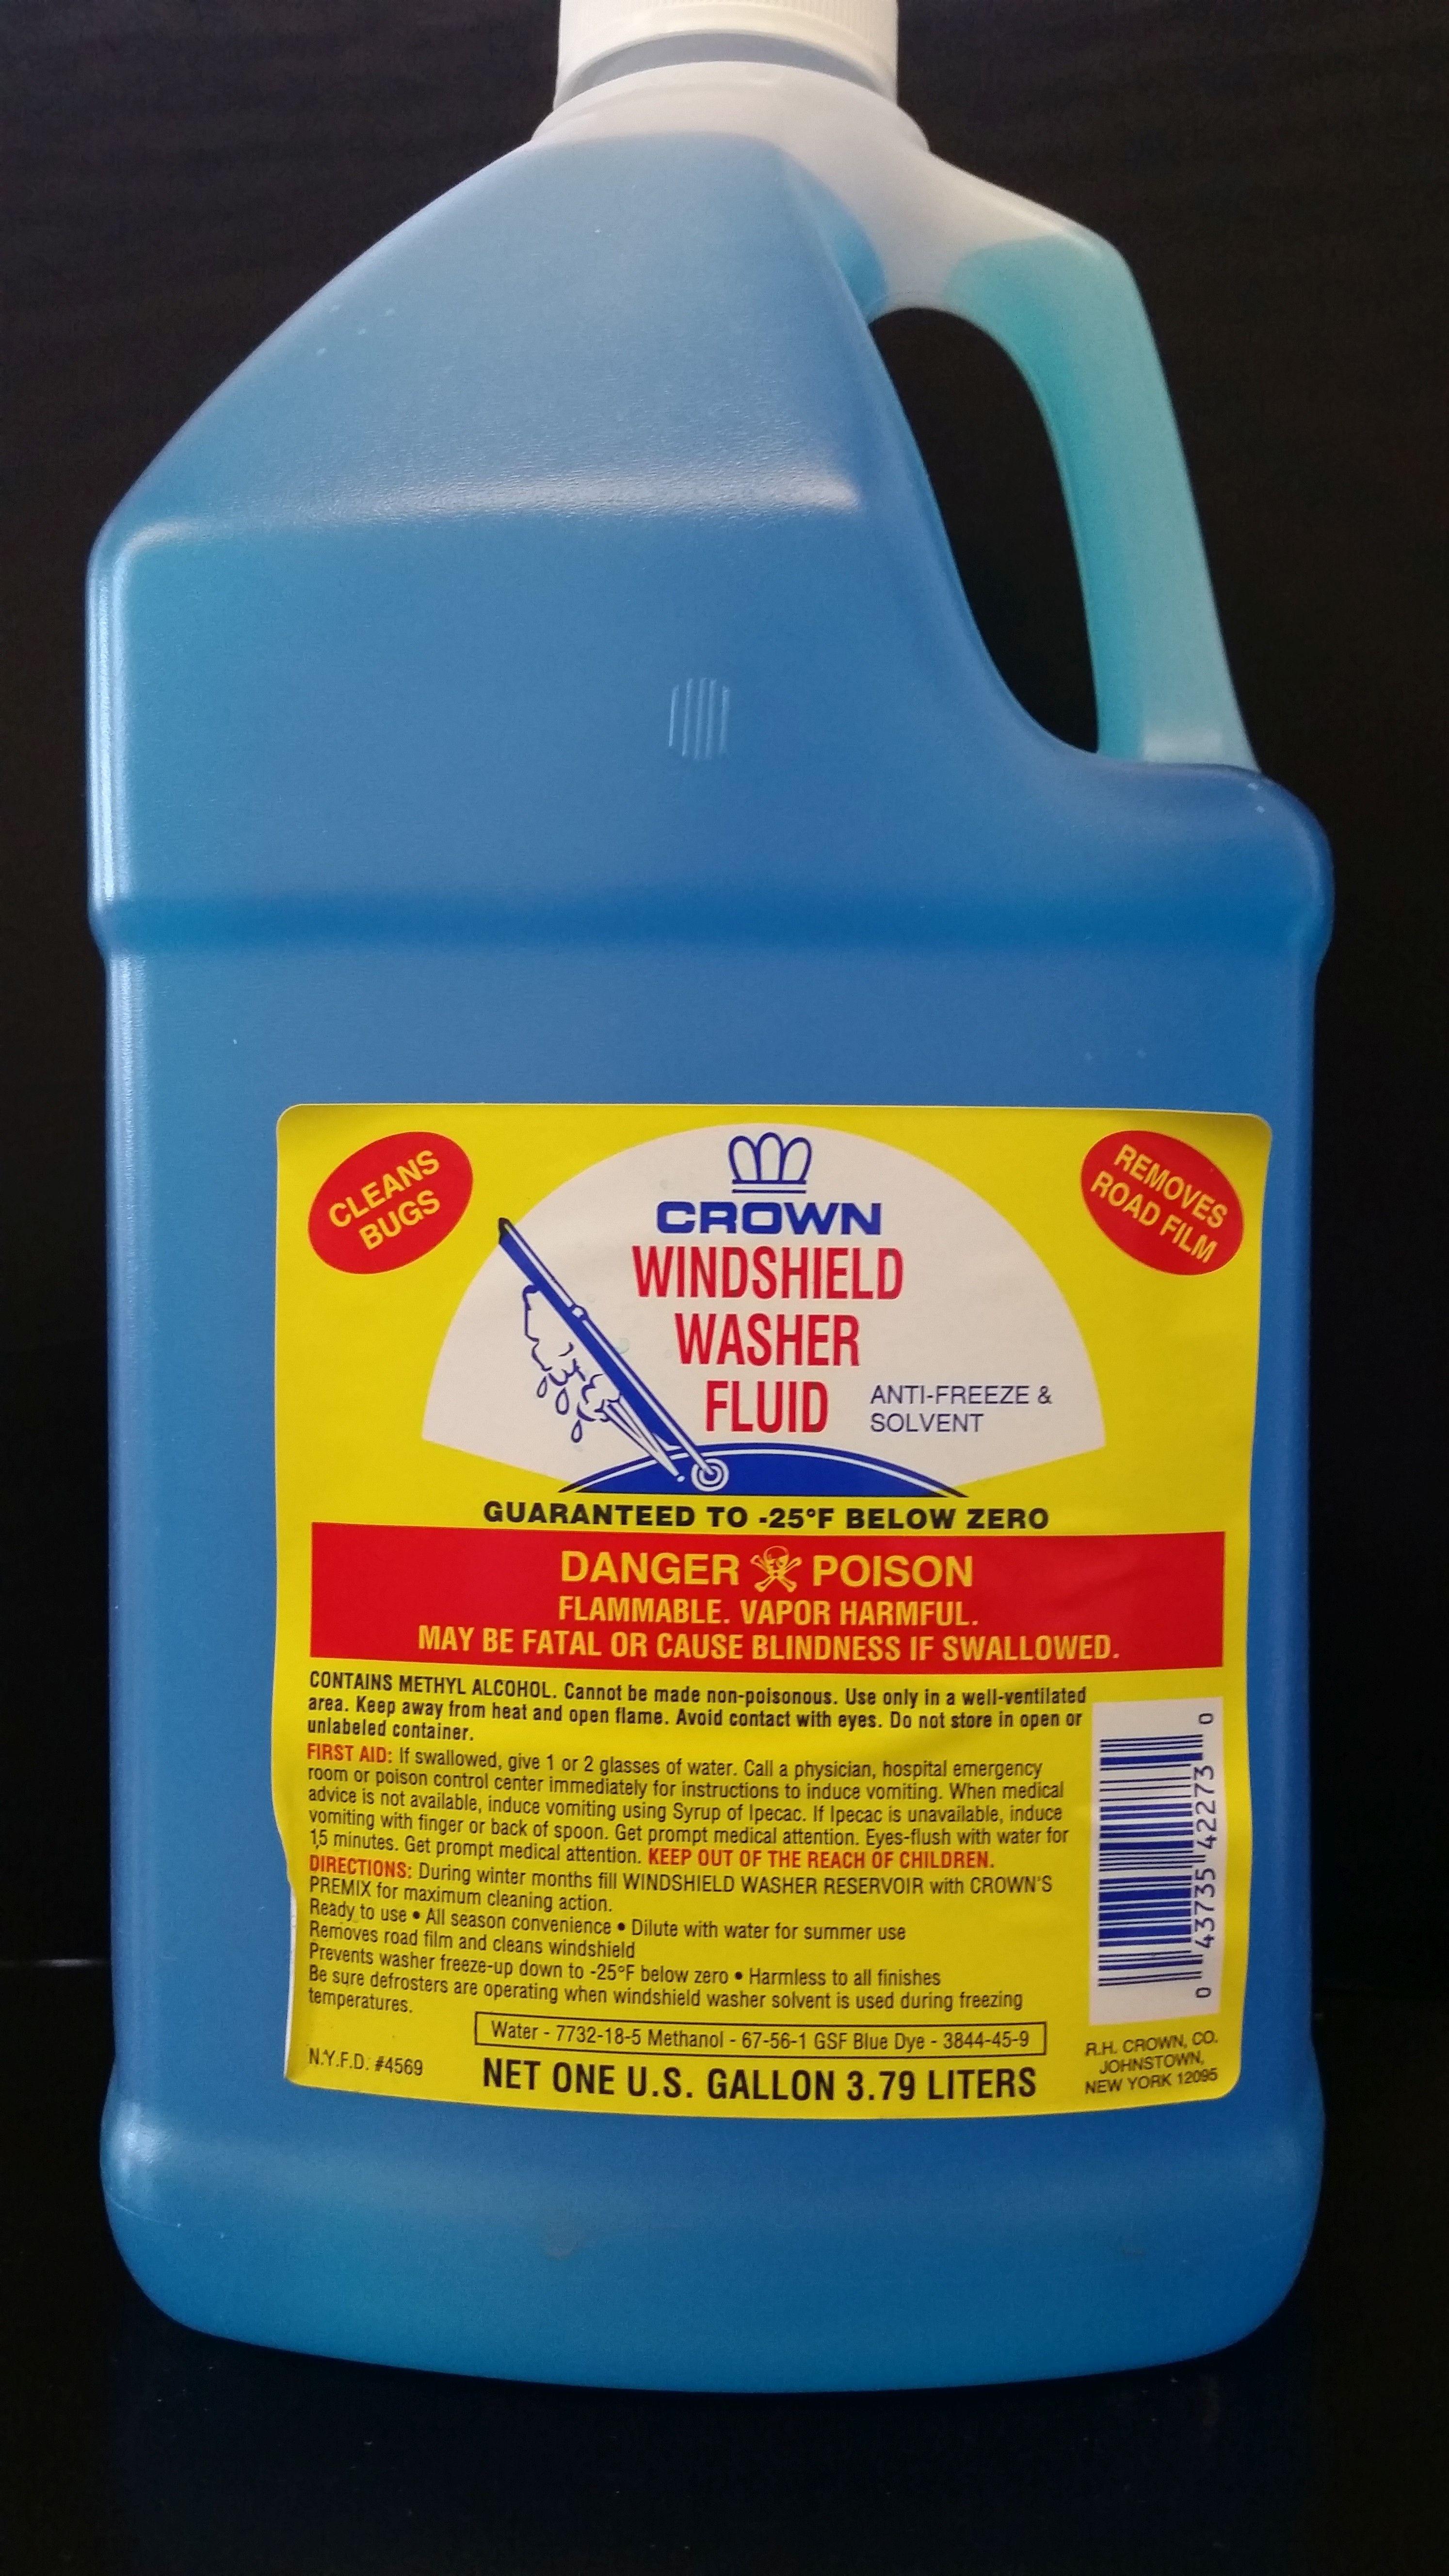 Windshield washer fluid rh crown